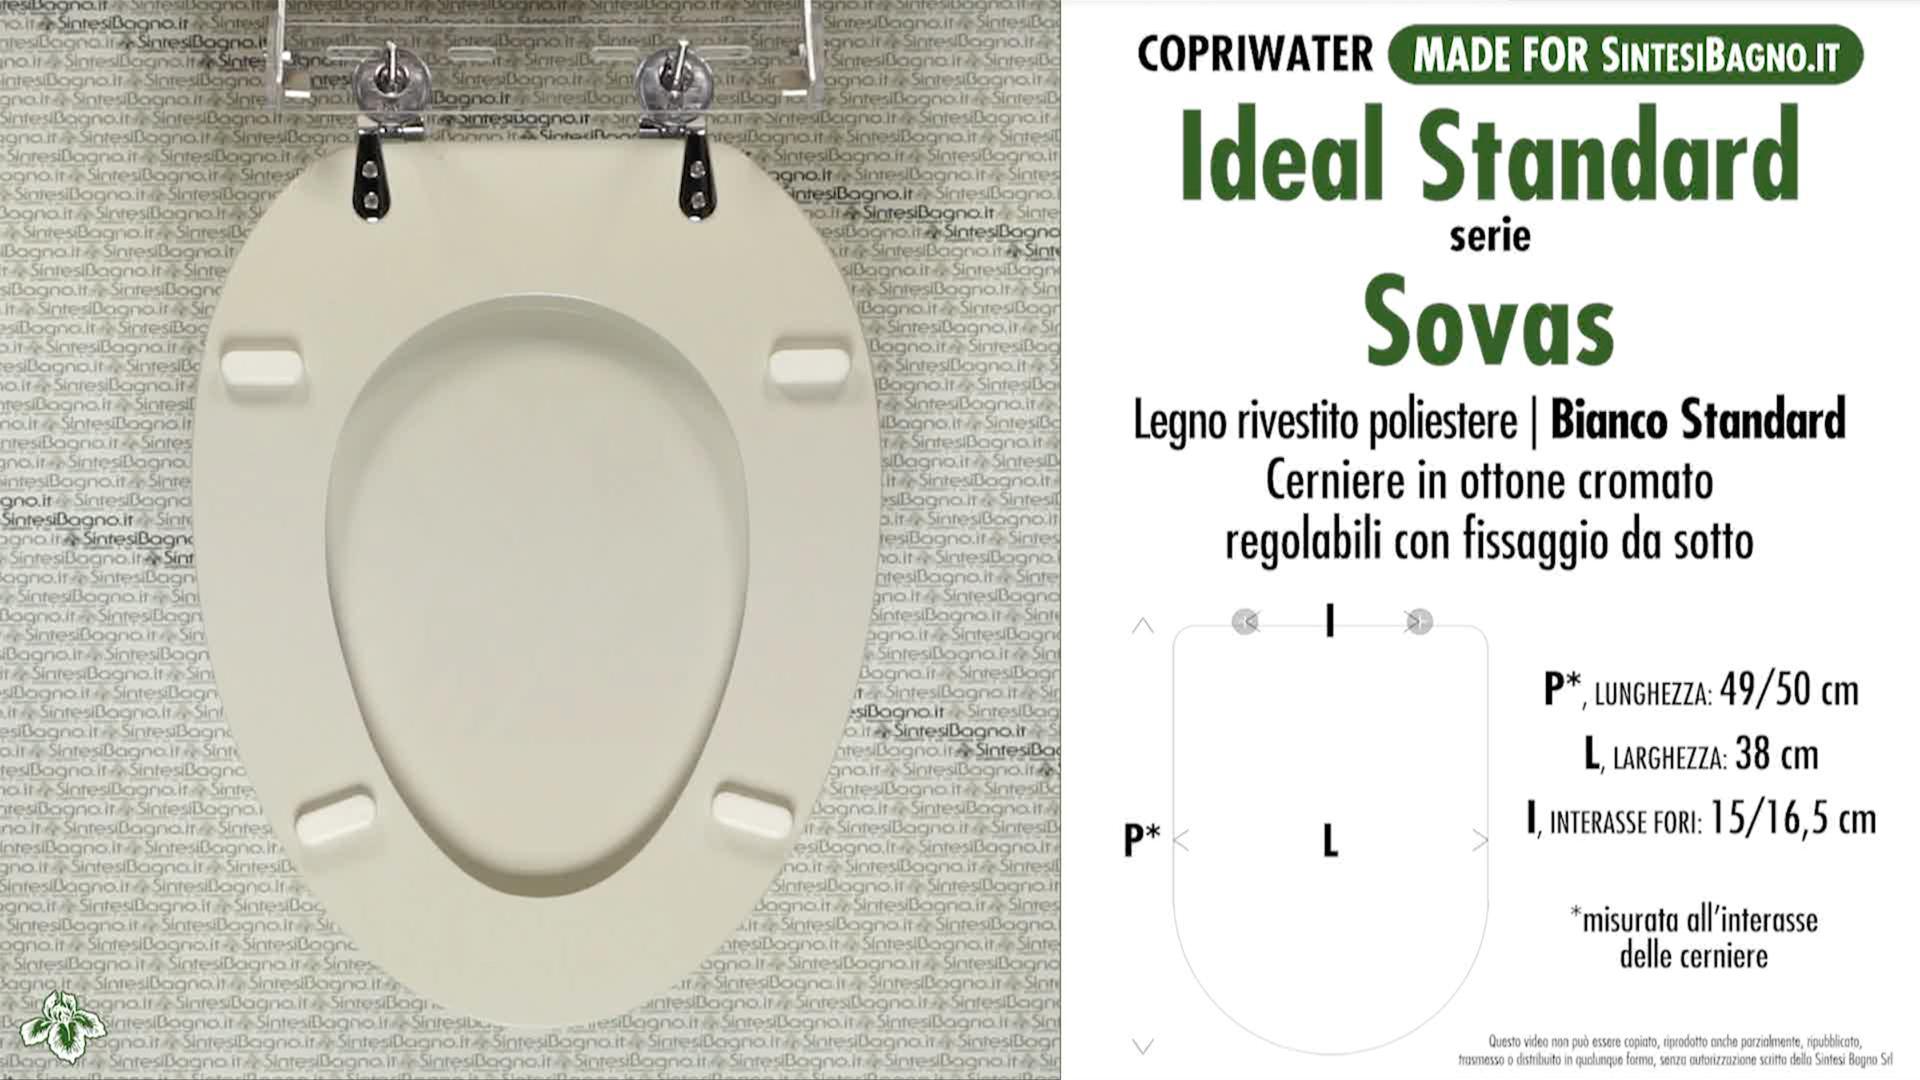 Schede tecniche misure copriwater ideal standard serie sovas for Calla ideal standard scheda tecnica